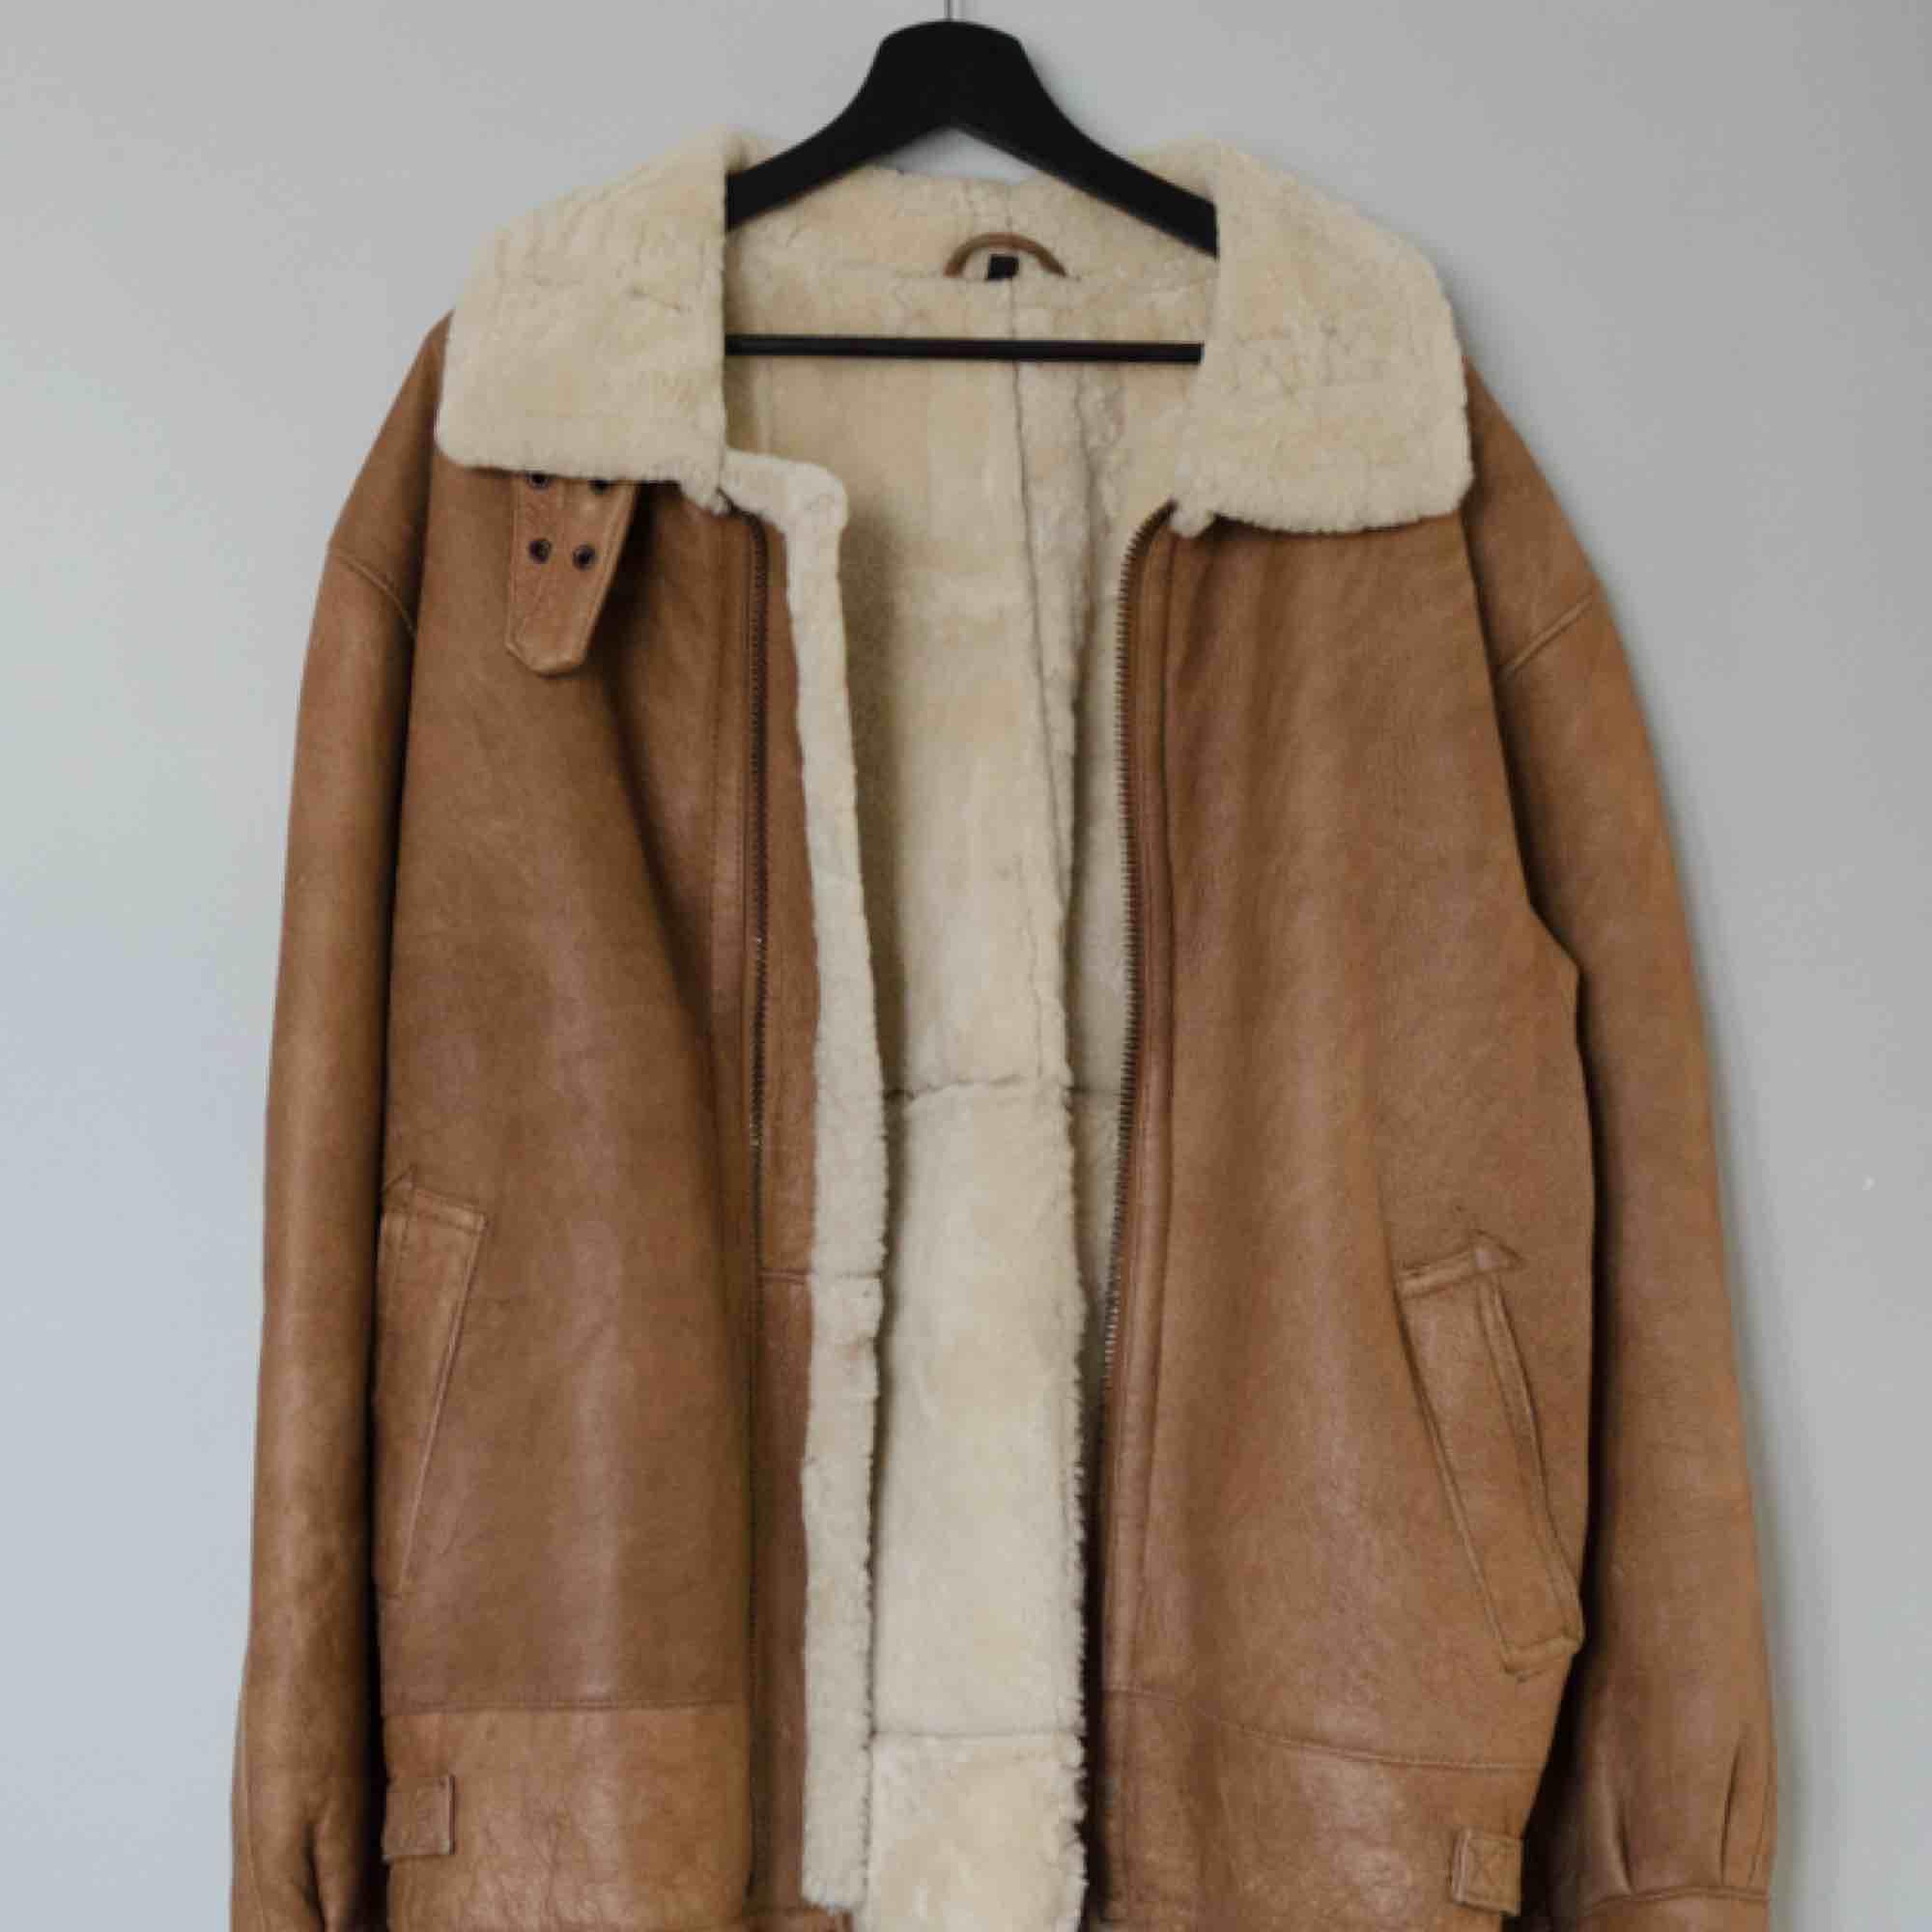 Säljer en vintage shearling jacka i äkta fårskinn av märket Maddox!  Size: 50 (Large) Cond: 7/10 (gott skick för sin ålder, allmänt slitage). Jackor.